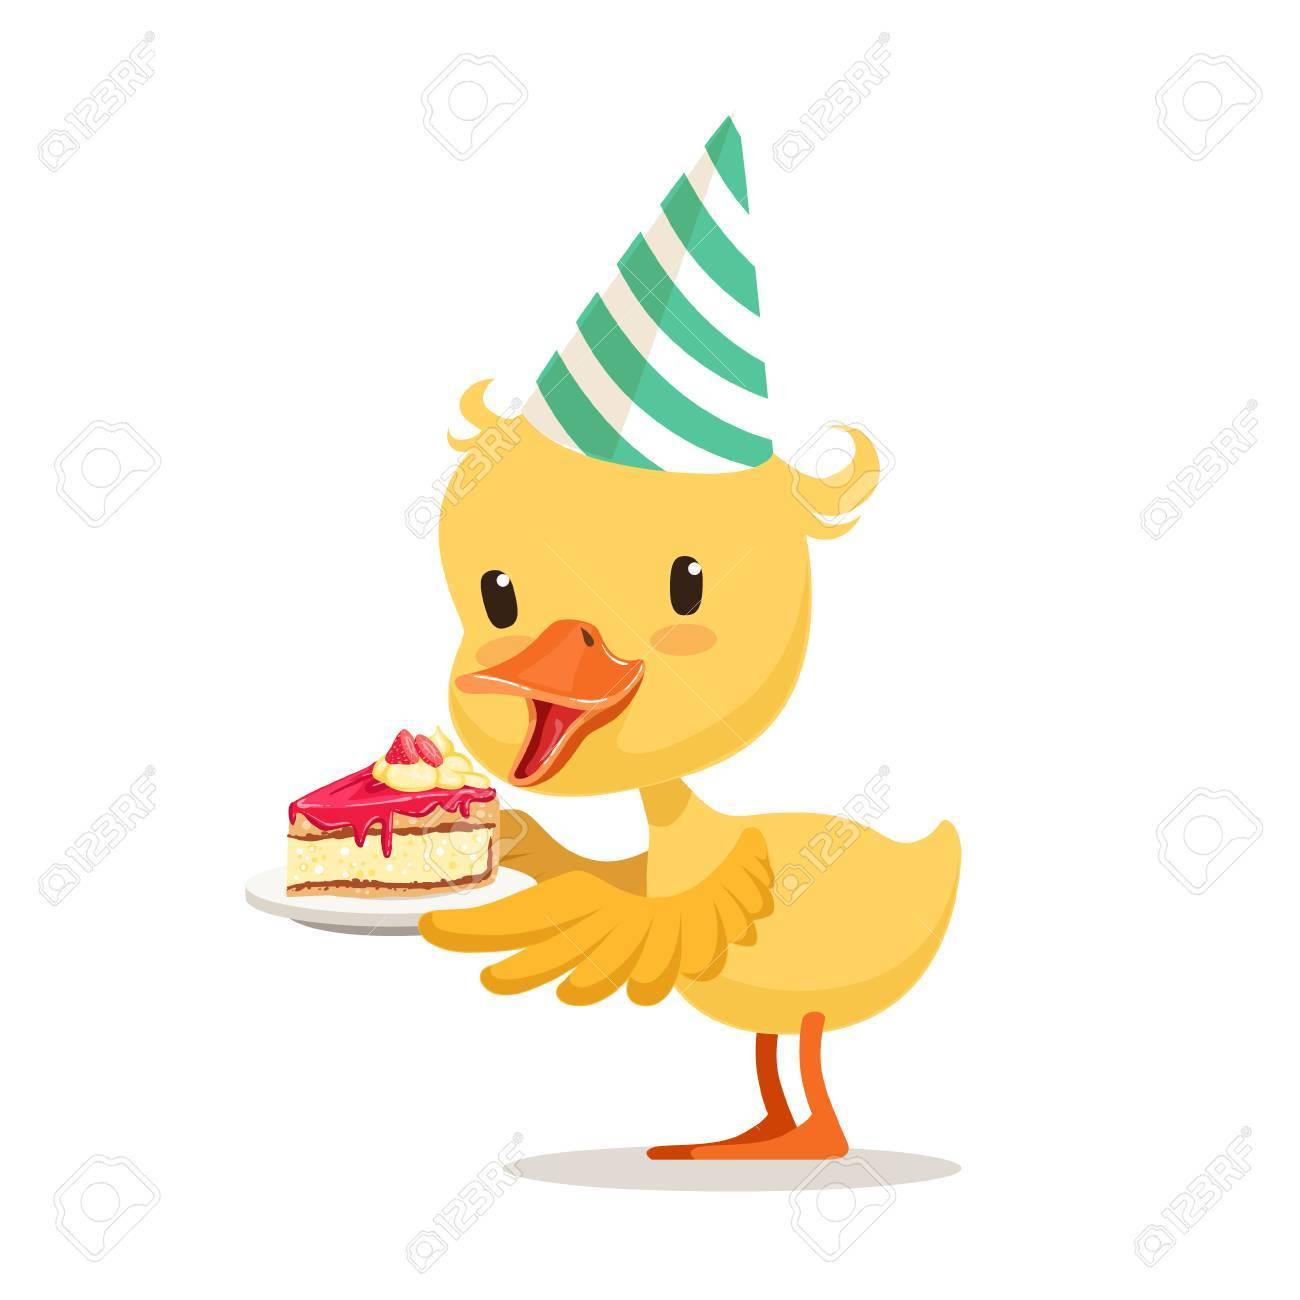 Kleines Karikaturentlein In Einem Parteihut Der Sussen Kuchen